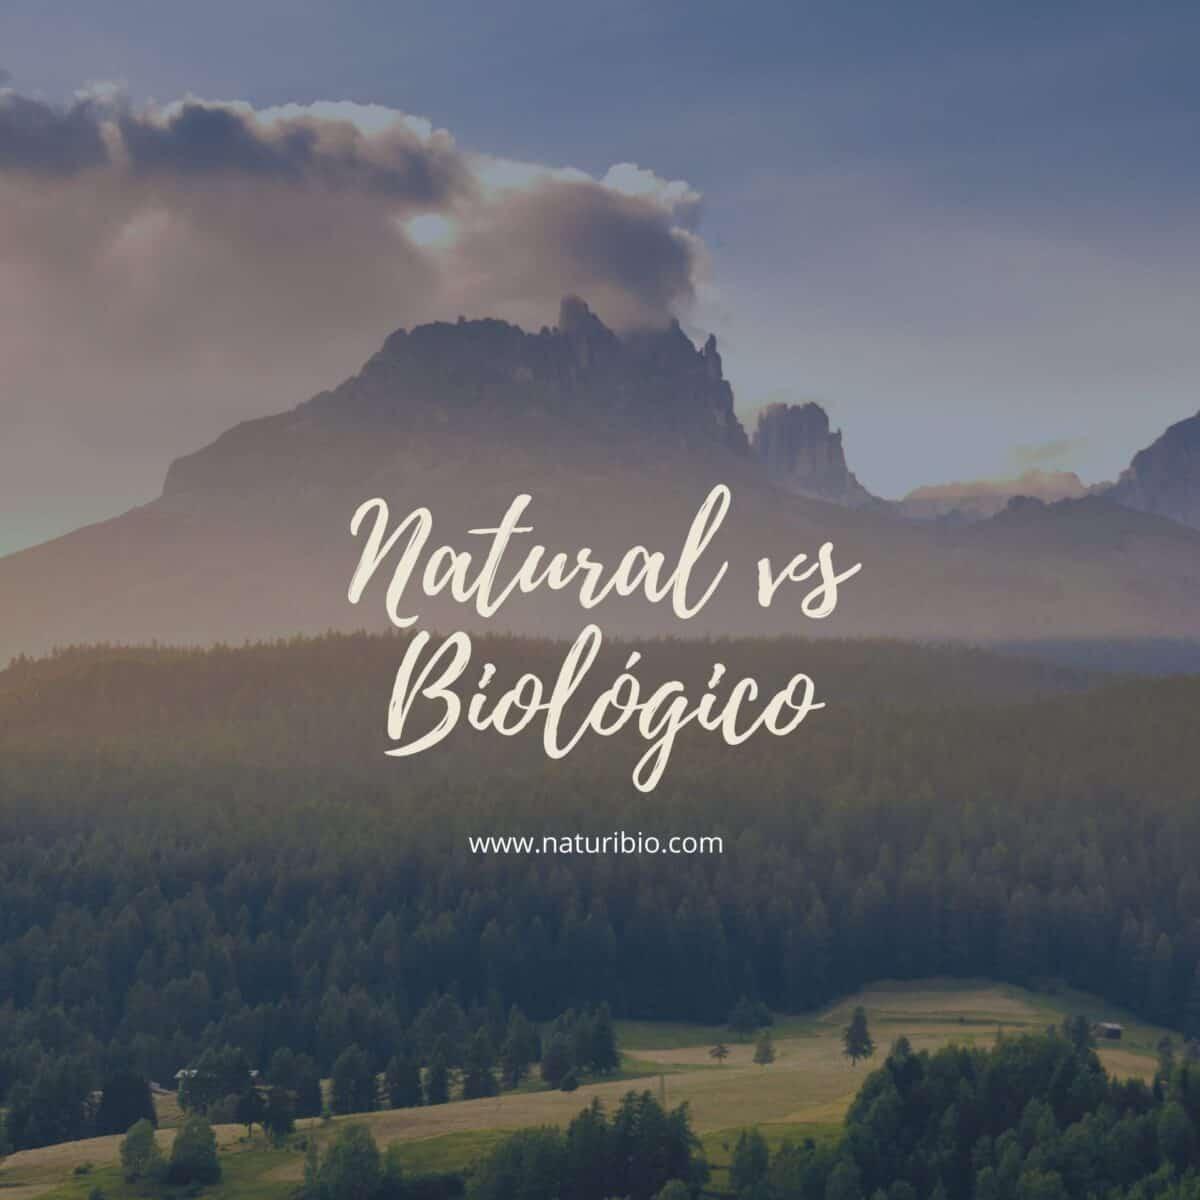 Natural/Biológico/Orgânico - Conheça as diferenças